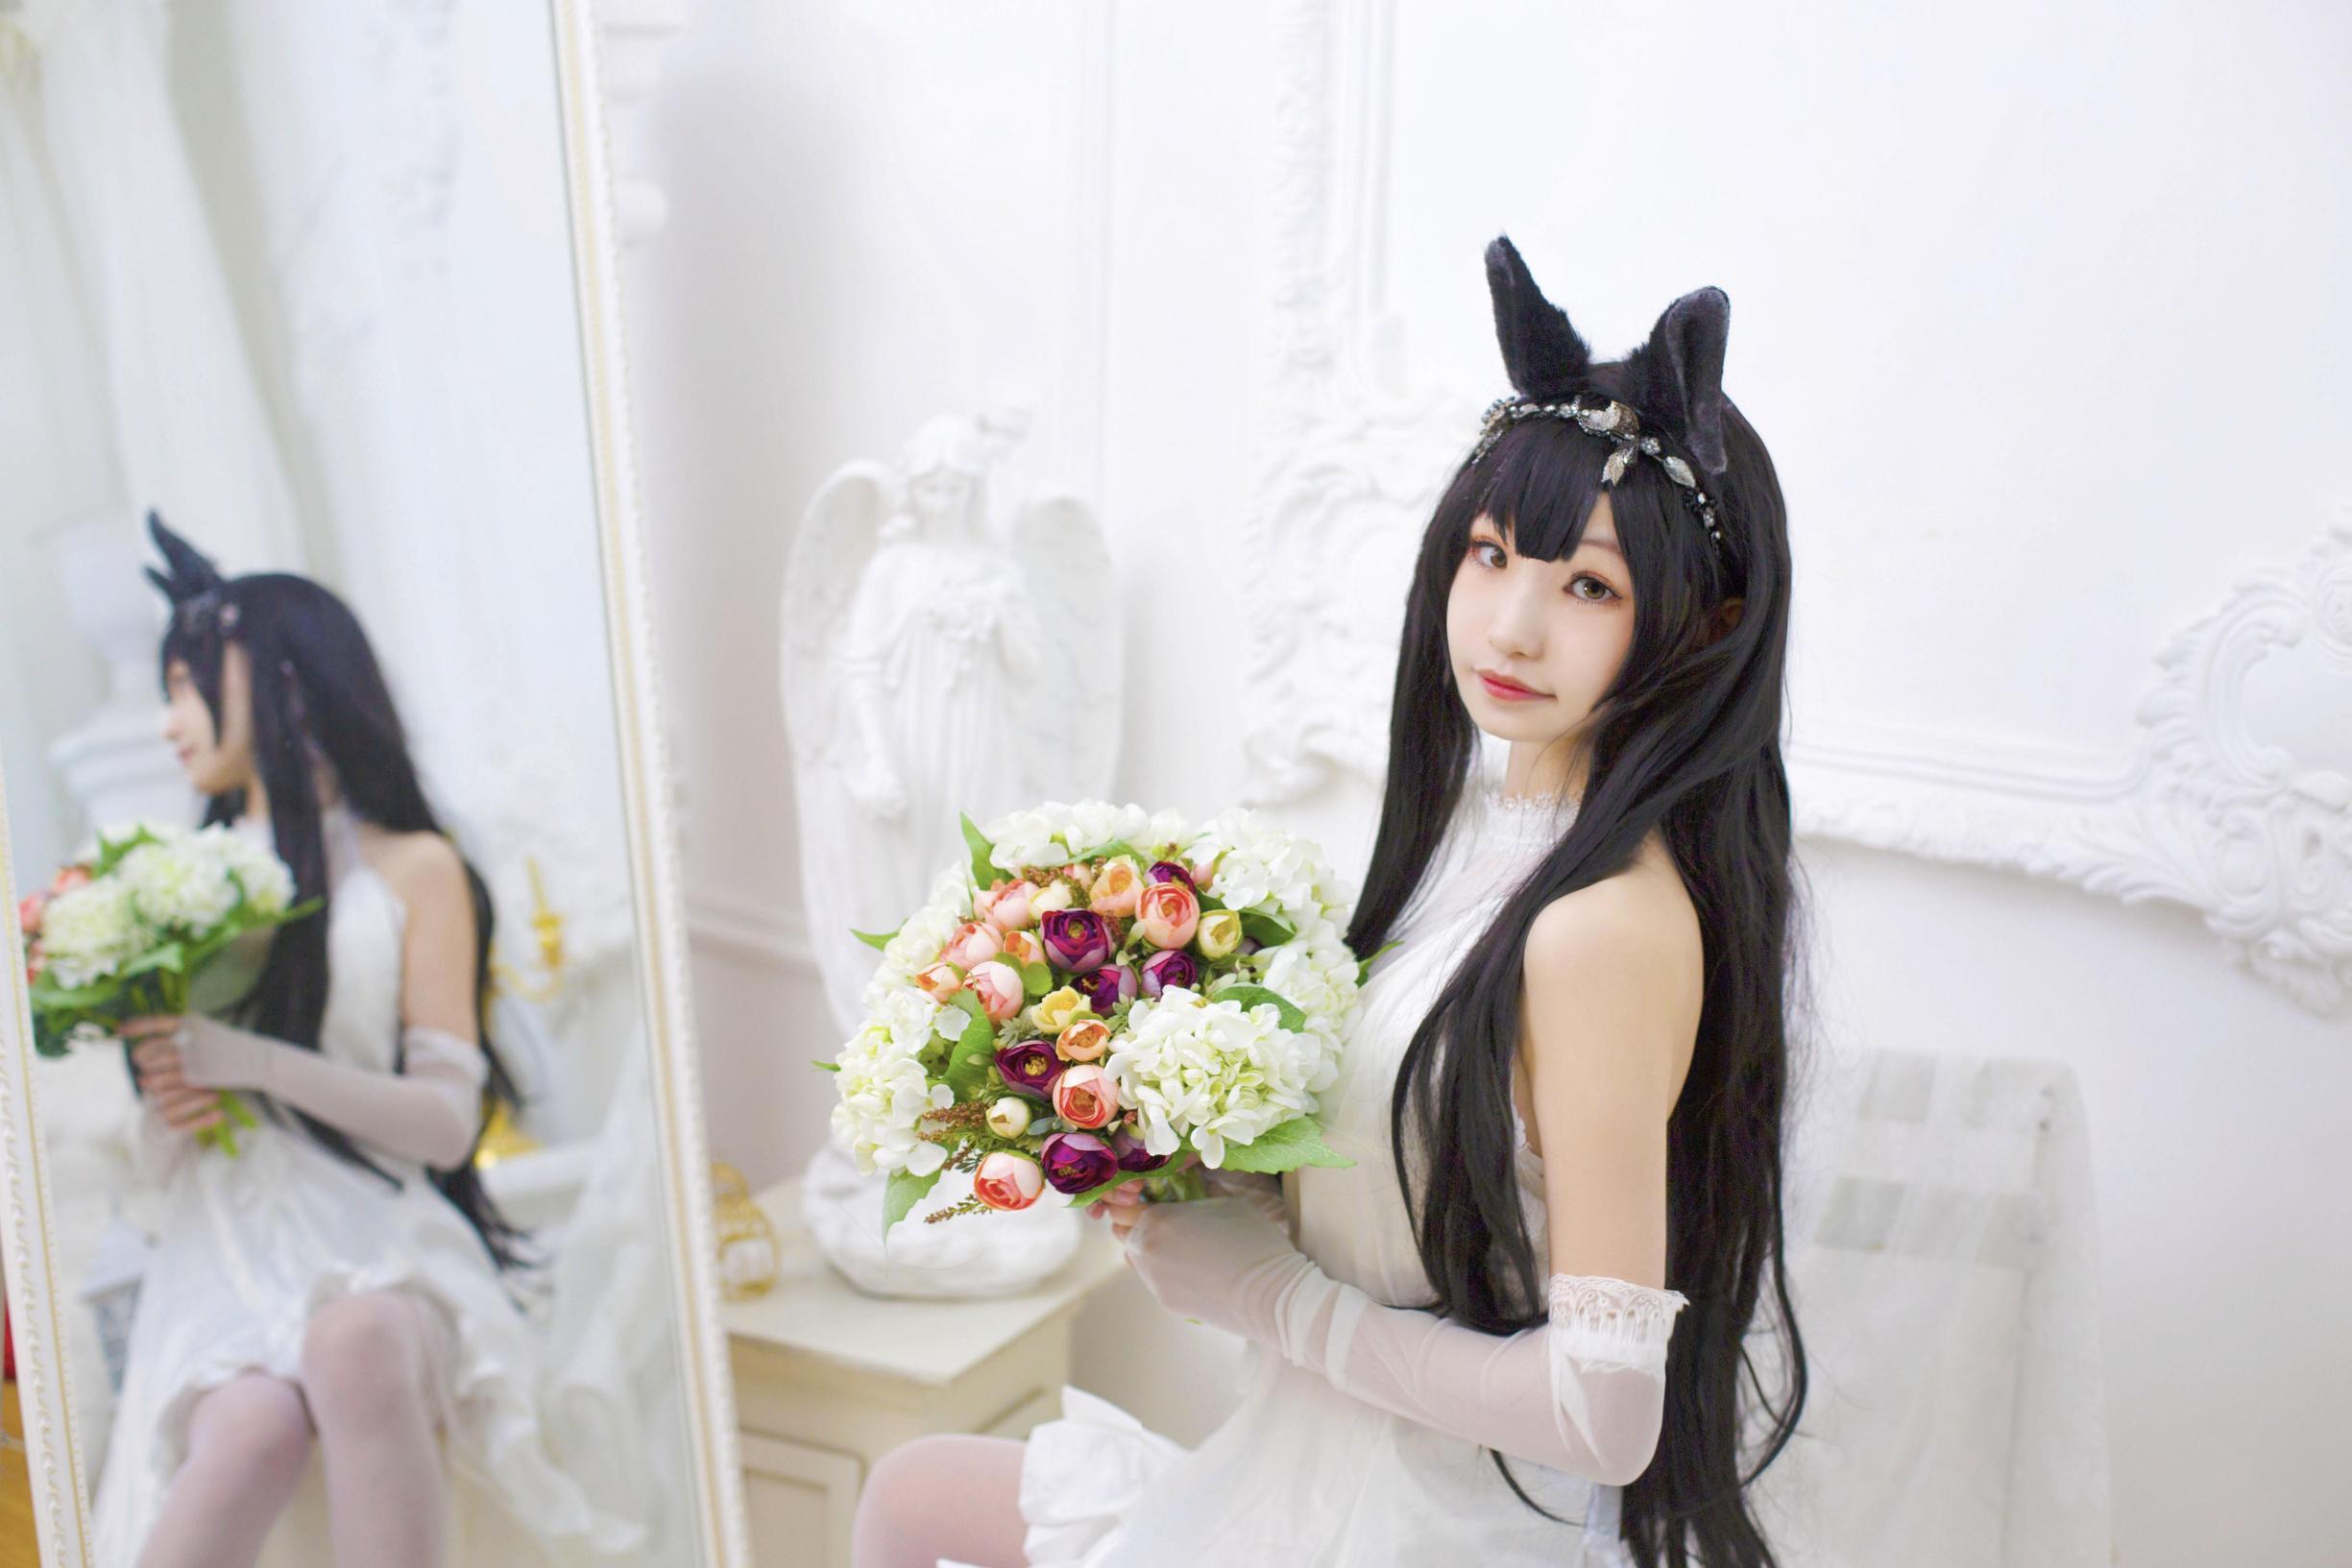 《碧蓝航线》正片cosplay【CN:宇宙不明蓝樱音w】-第23张